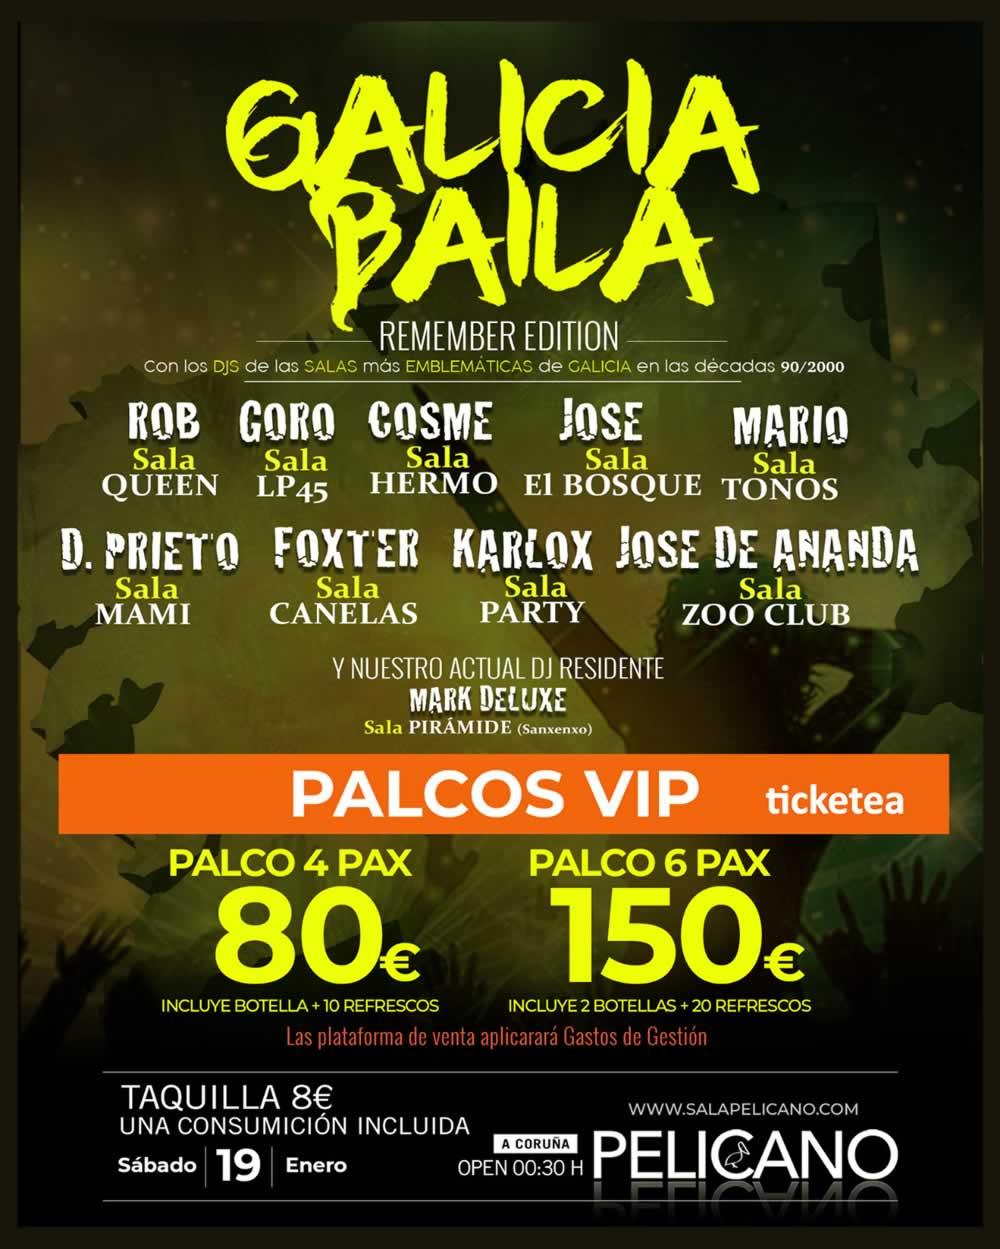 Galicia Baila